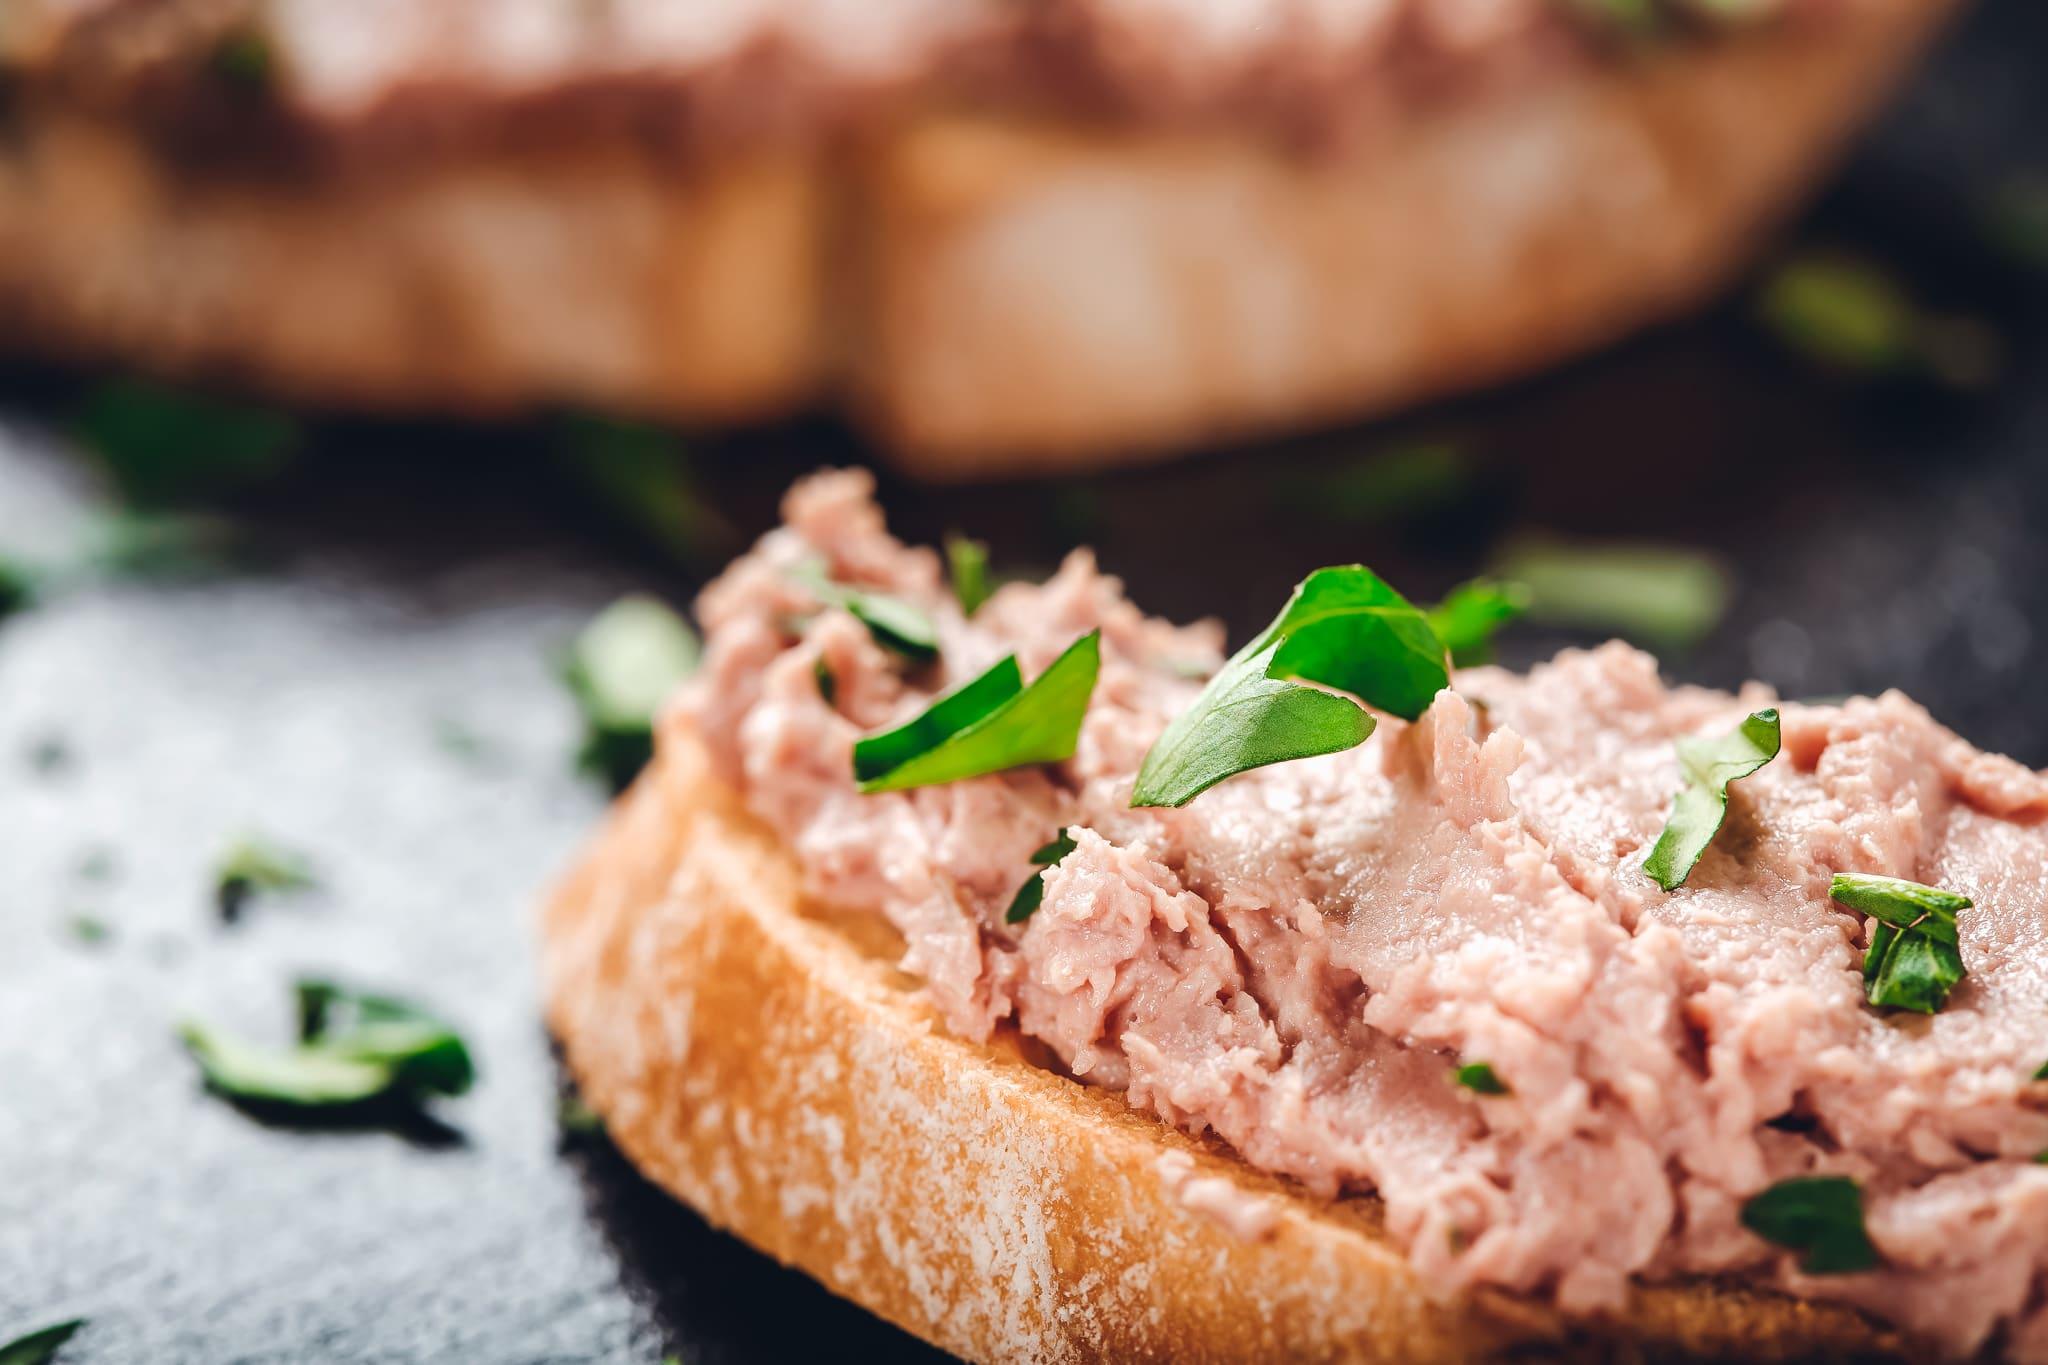 Leberwurst-Gewürze: dieses Bild zeigt eine feine Leberwurst auf einem Brot.